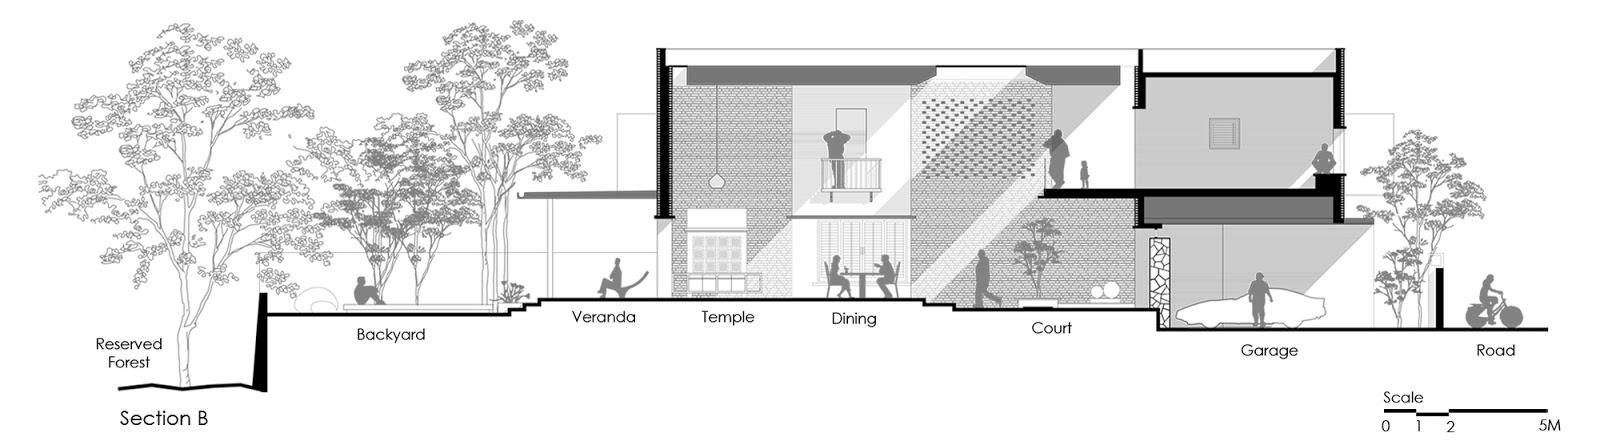 Thiết kế nhà tphcm,thiết kế xây dựng nhà